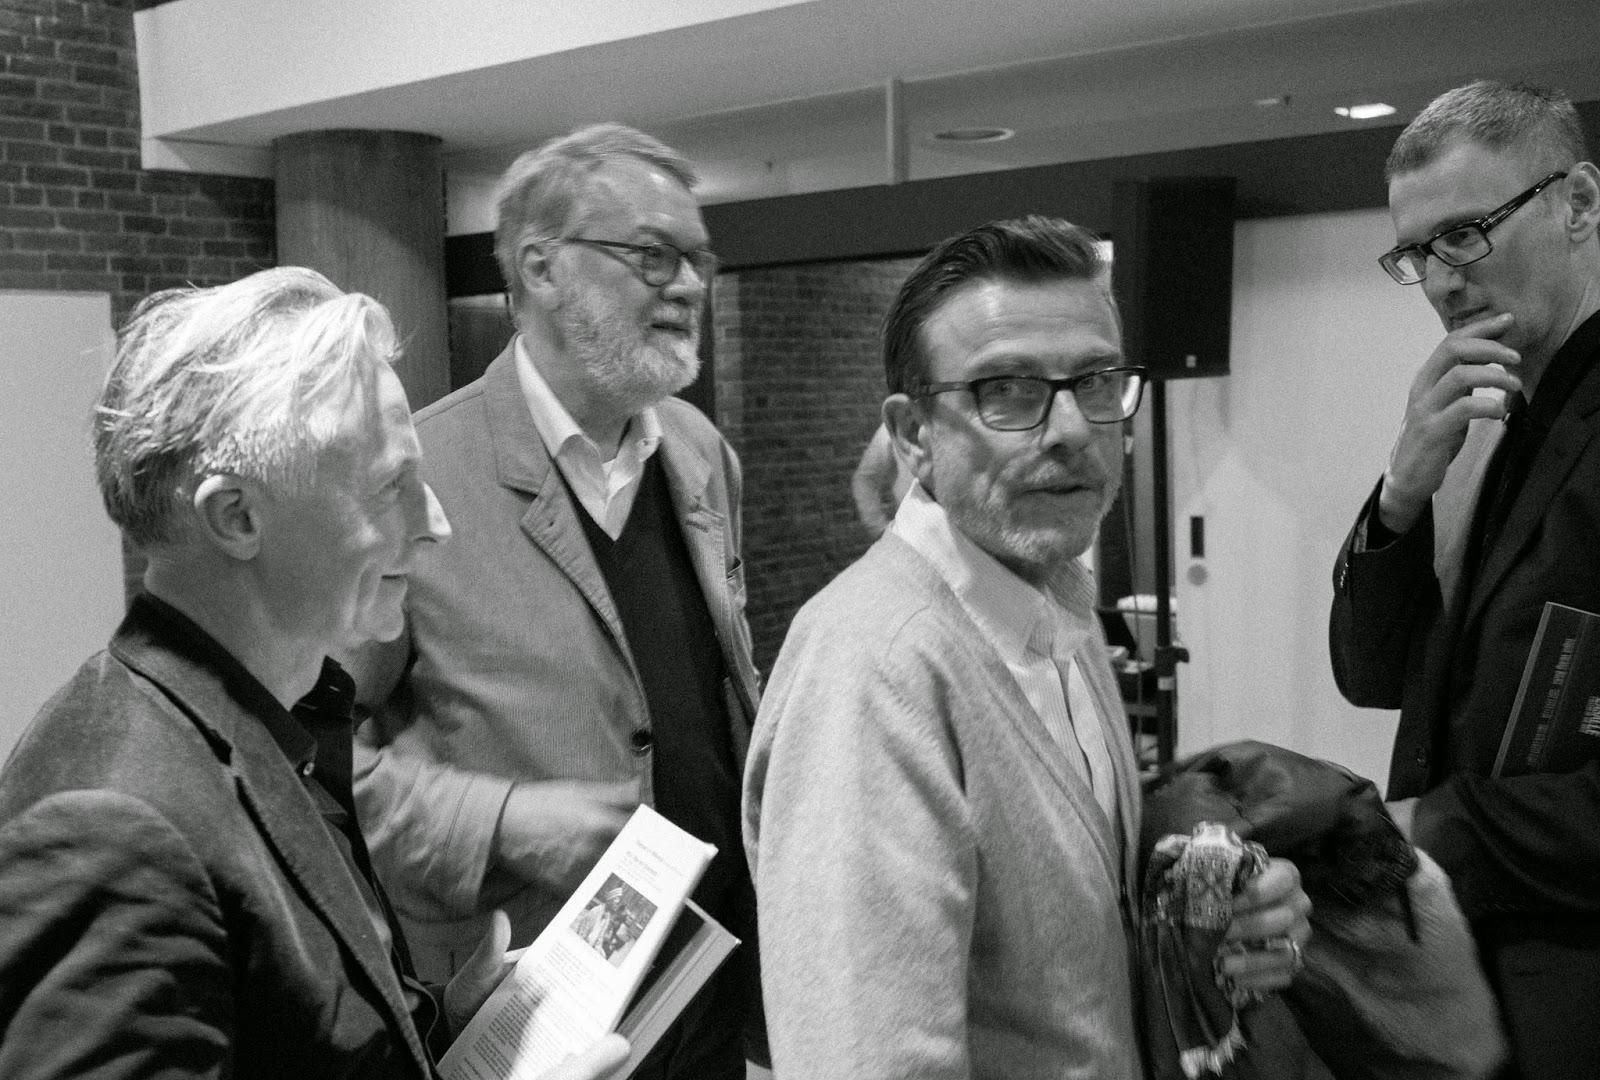 Akademie der Künste: Olaf Stüber, Wulf Herzogenrath, Marcel Odenbach, Slavco Kacunko